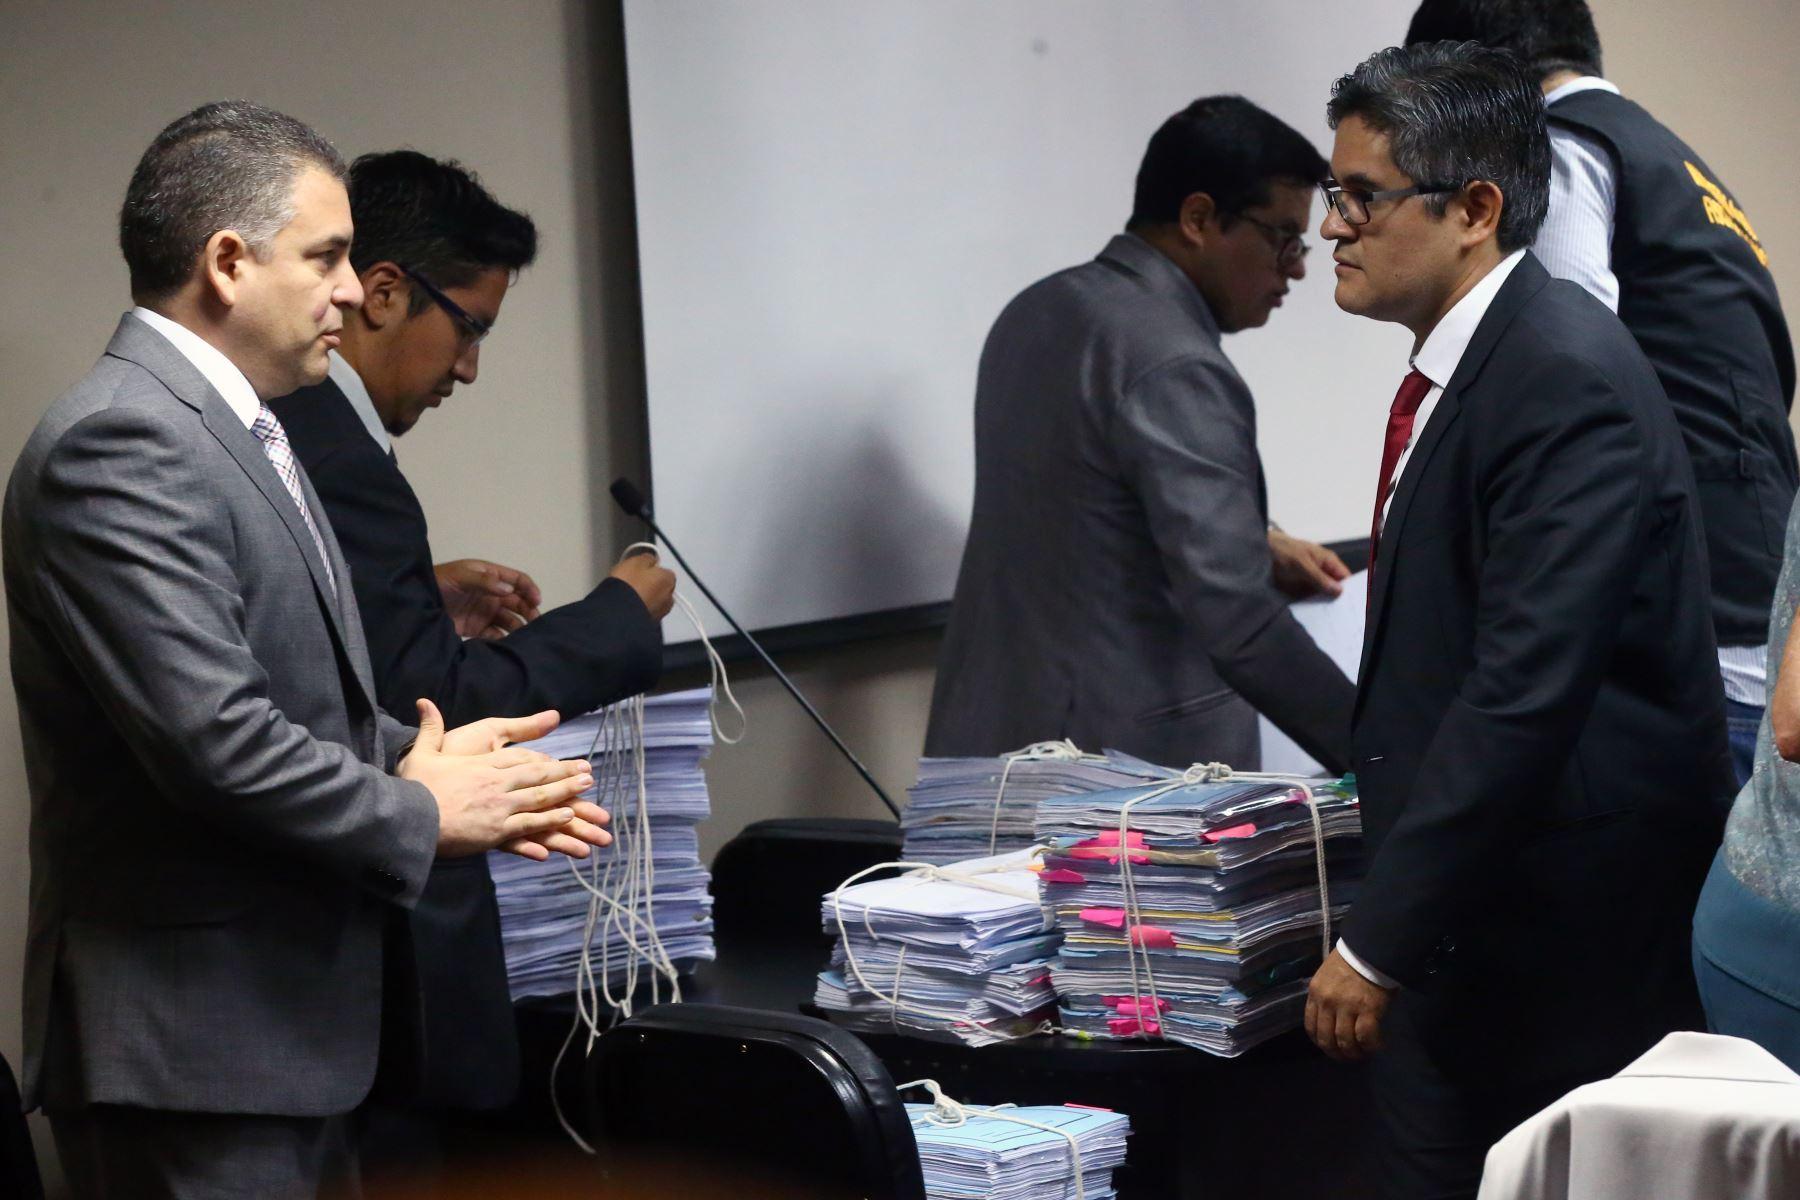 Avance en casos Lava Jato no habría sido posible sin acuerdo de colaboración eficaz (Andina)